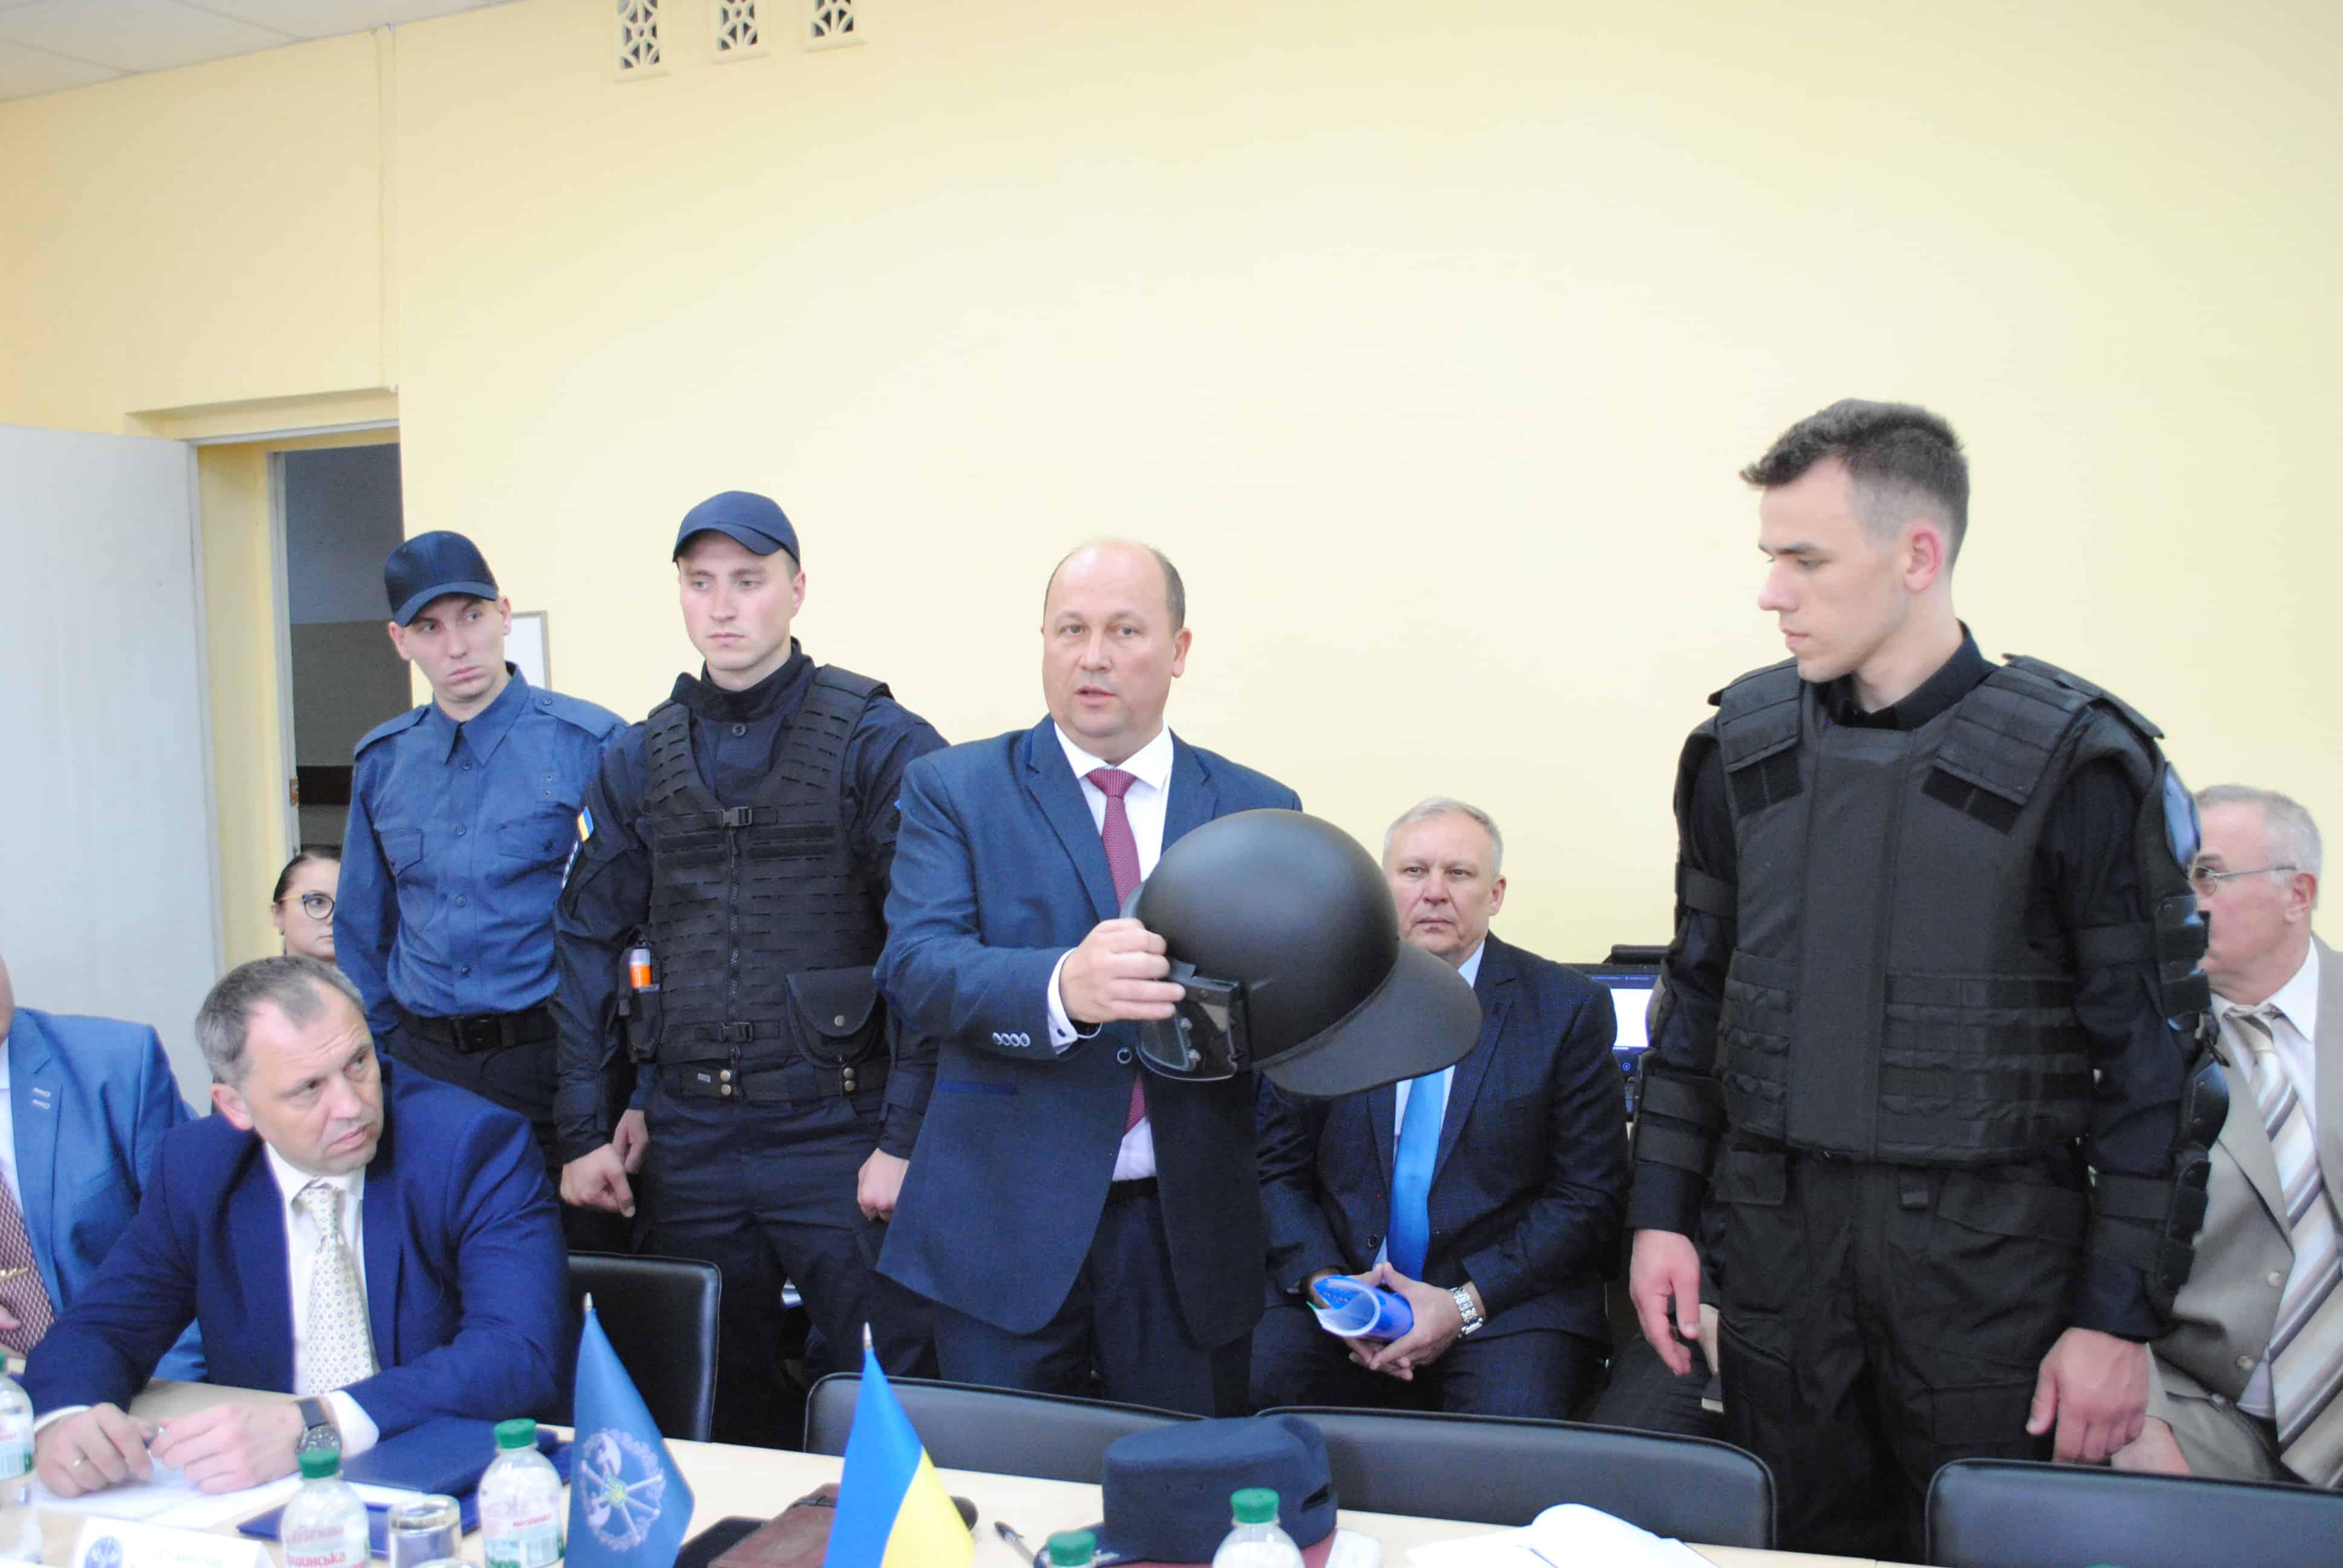 Формений одяг та засоби індивідуального захисту працівників Служби судової охорони